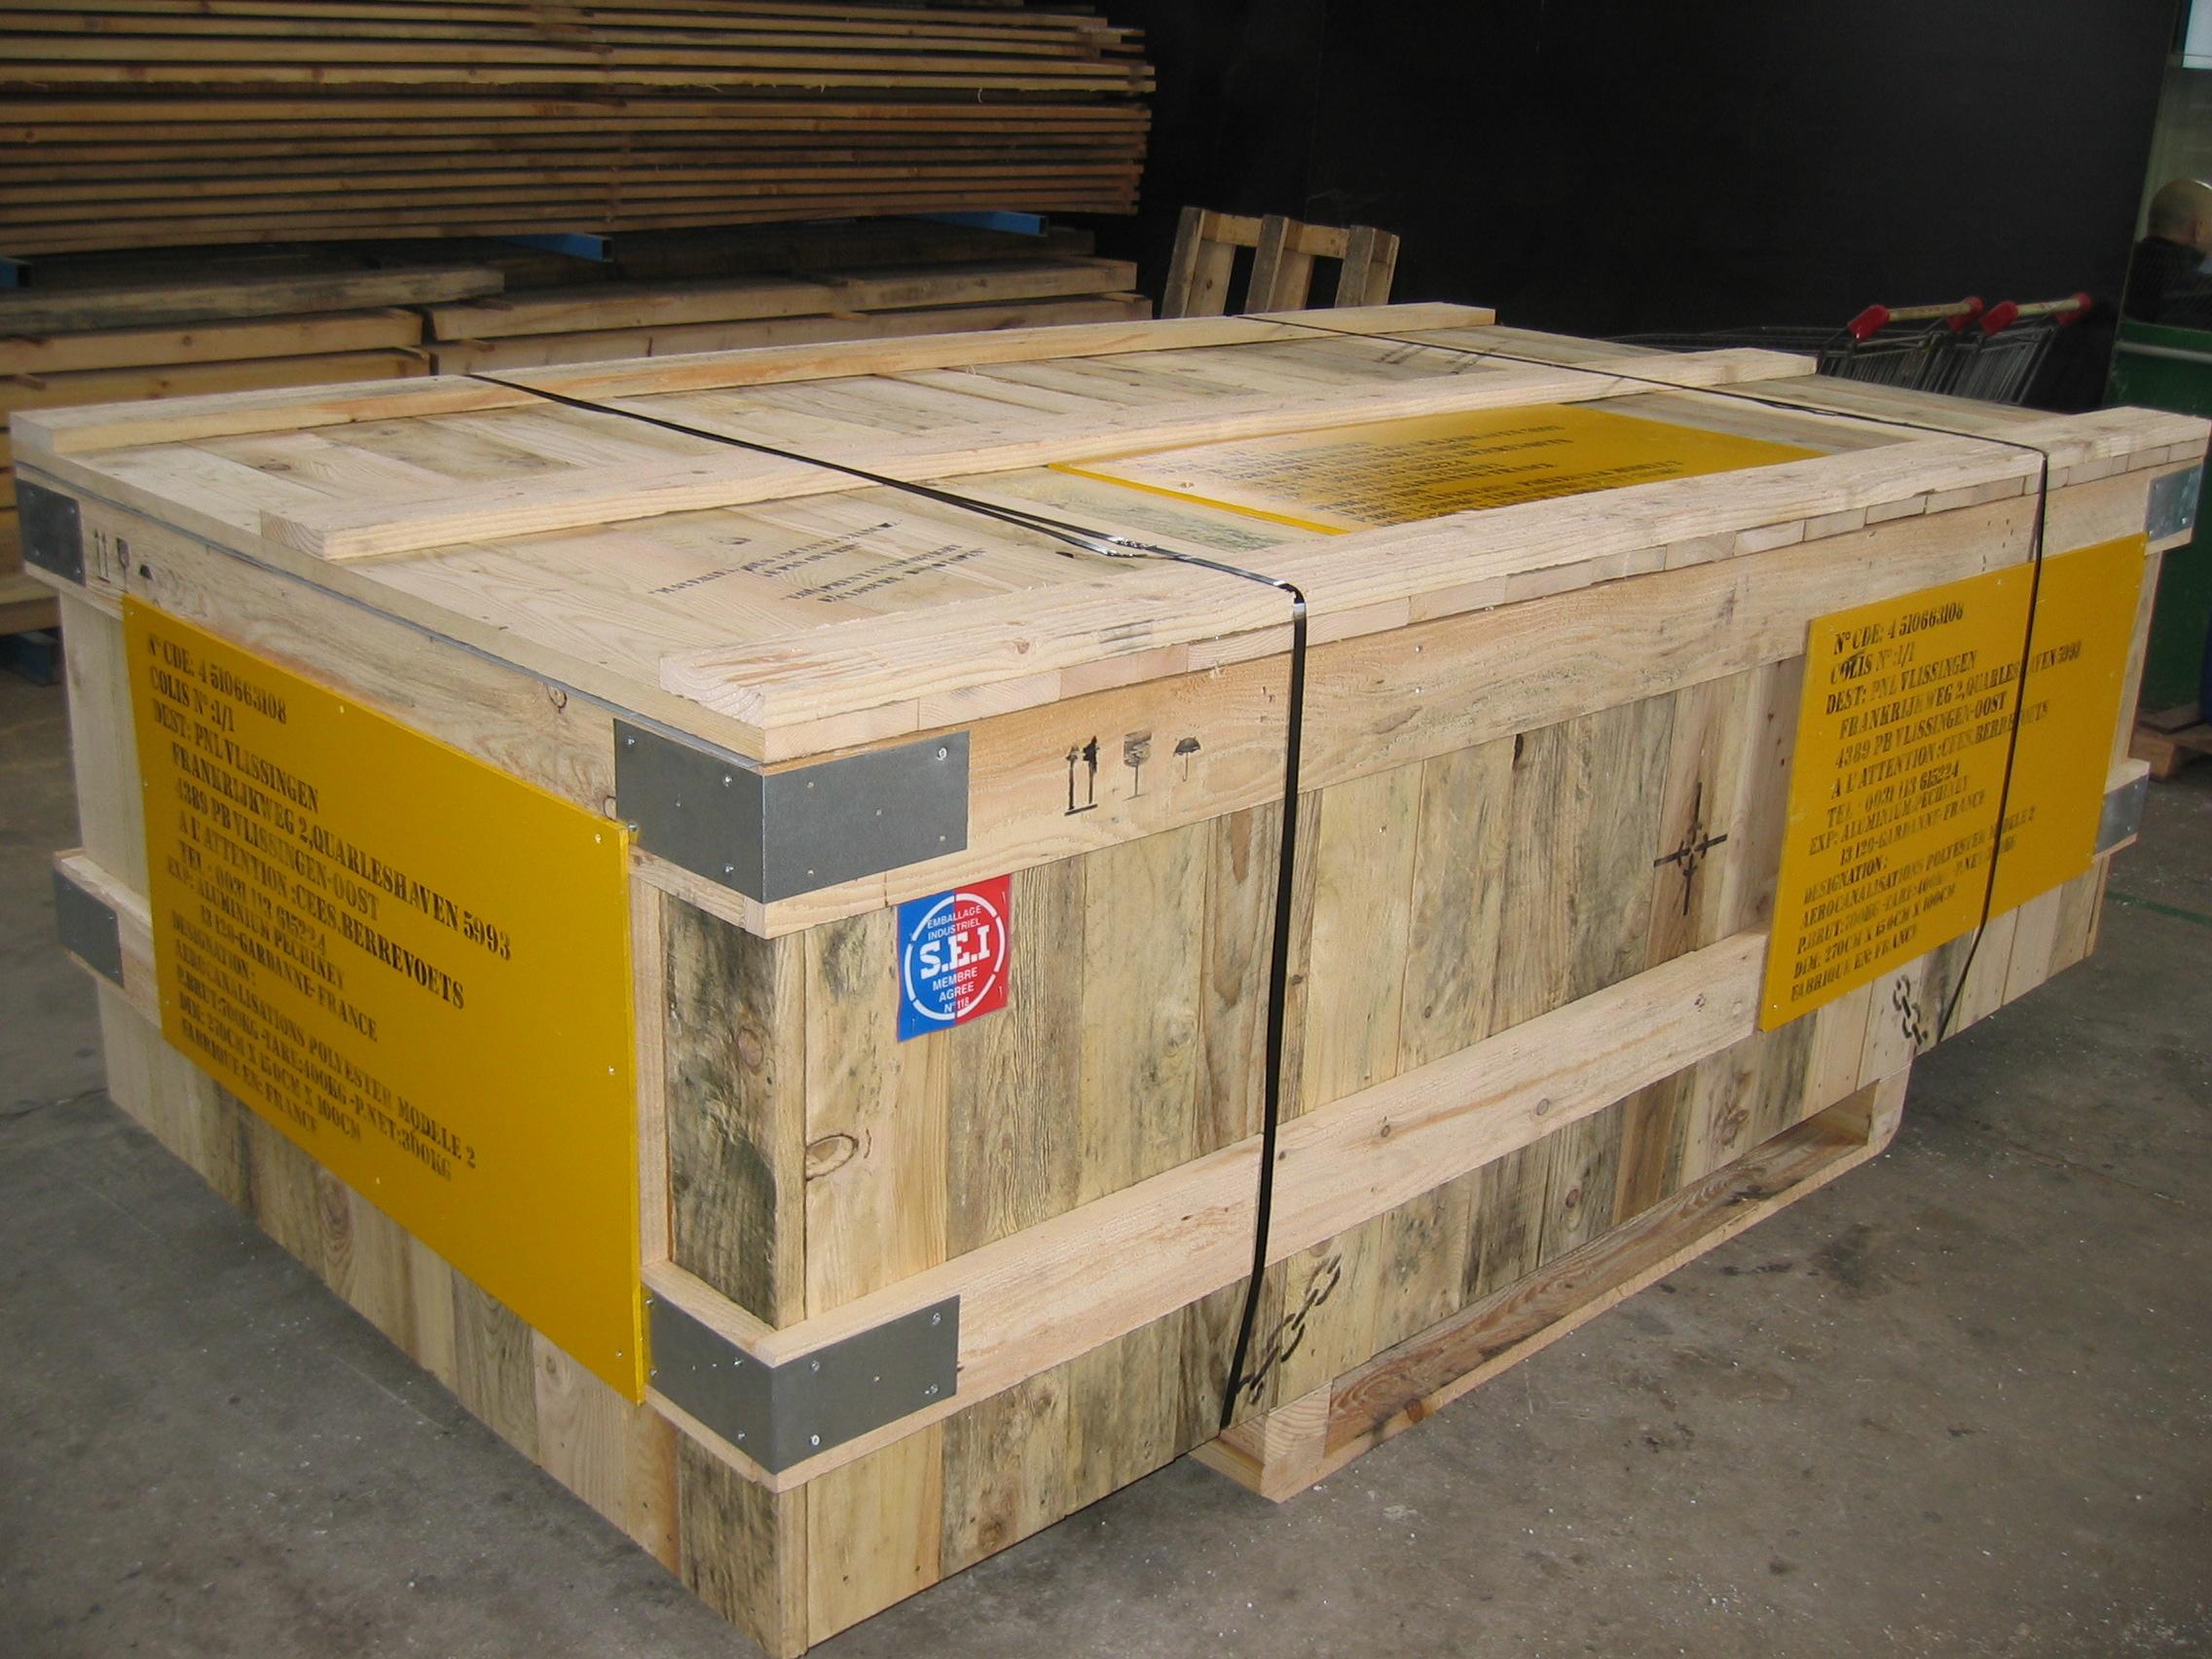 Préparation d'emballage catégorie 4C - lagreulet emballage (3)